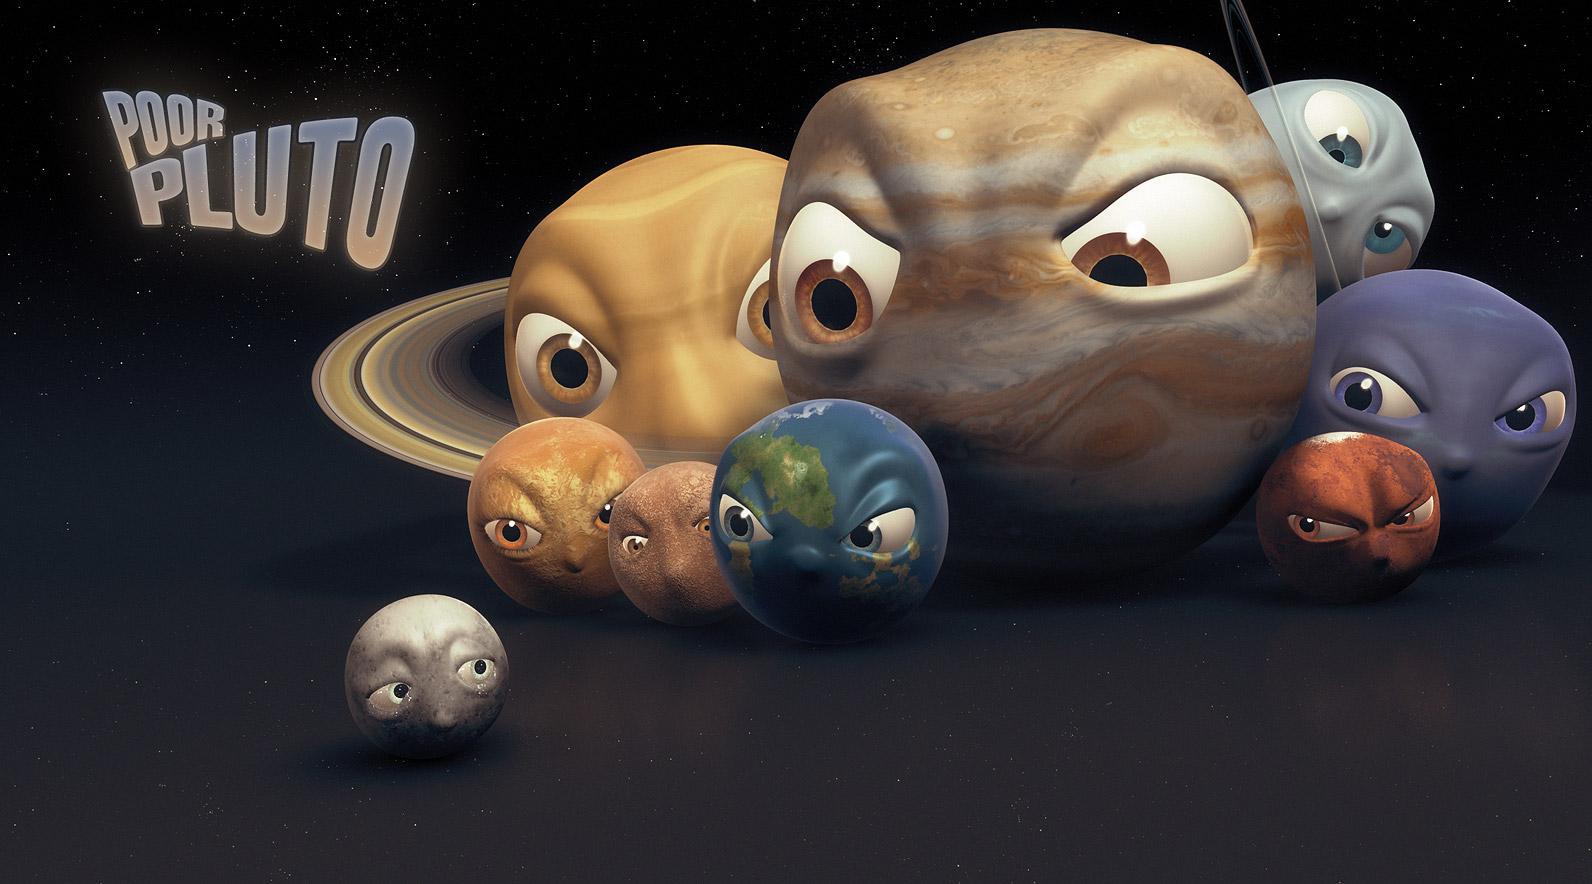 Pluto 02